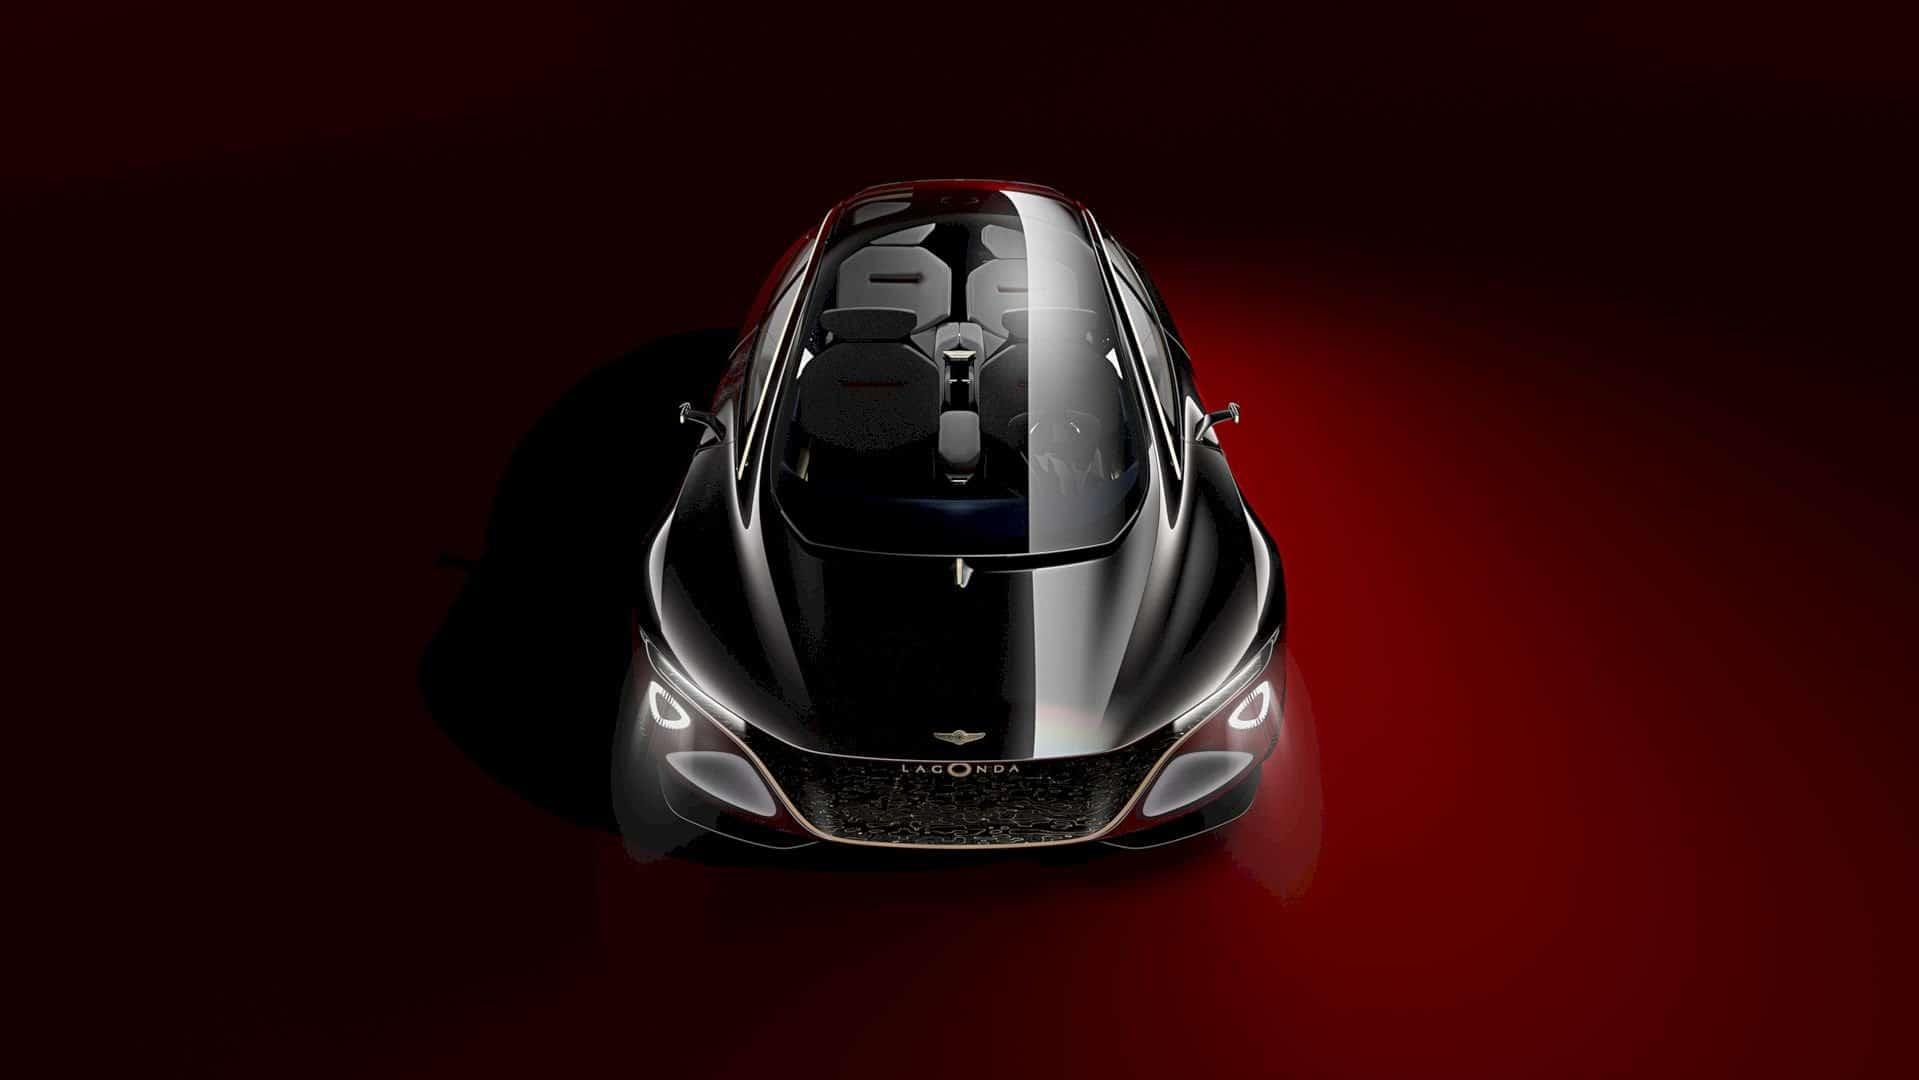 Lagonda Vision Concept By Aston Martin 6